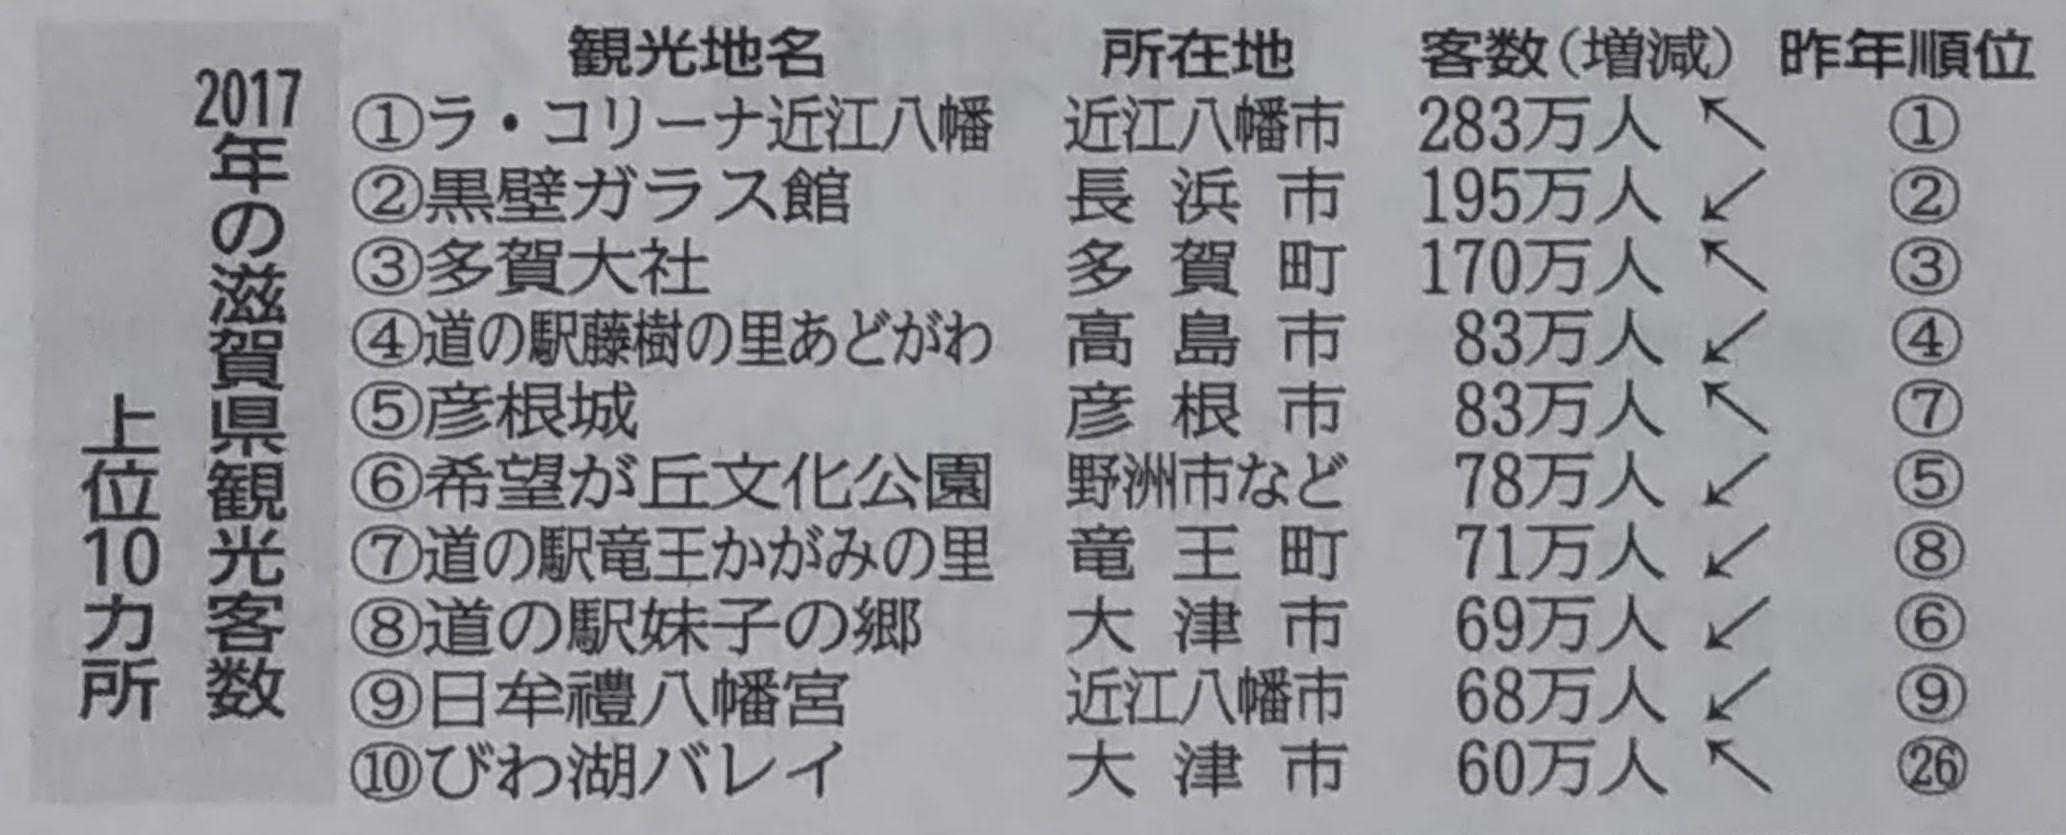 滋賀県観光客数ランキング2017年